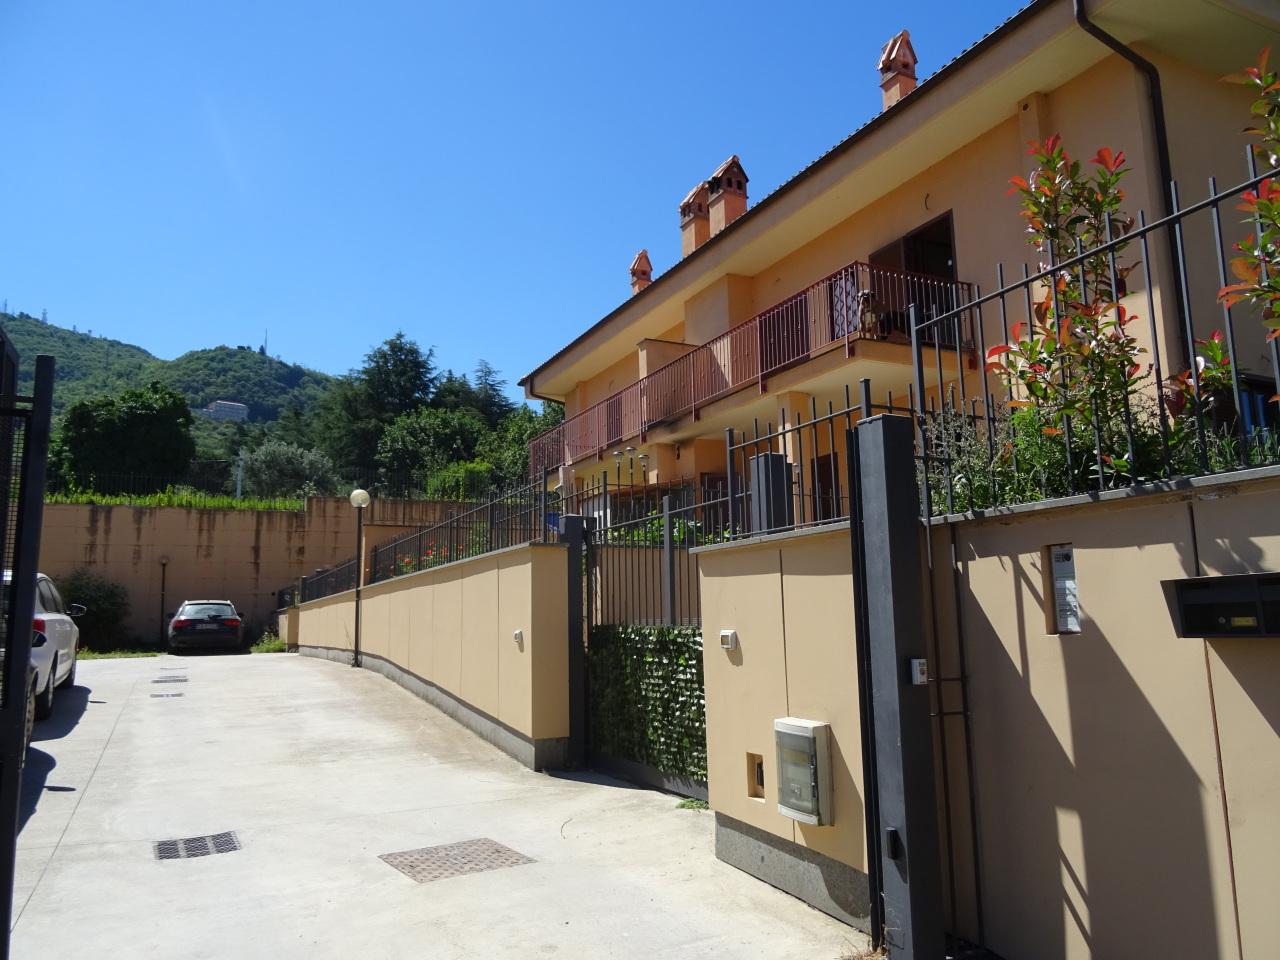 Soluzione Semindipendente in vendita a Rocca di Papa, 5 locali, prezzo € 279.000 | Cambio Casa.it